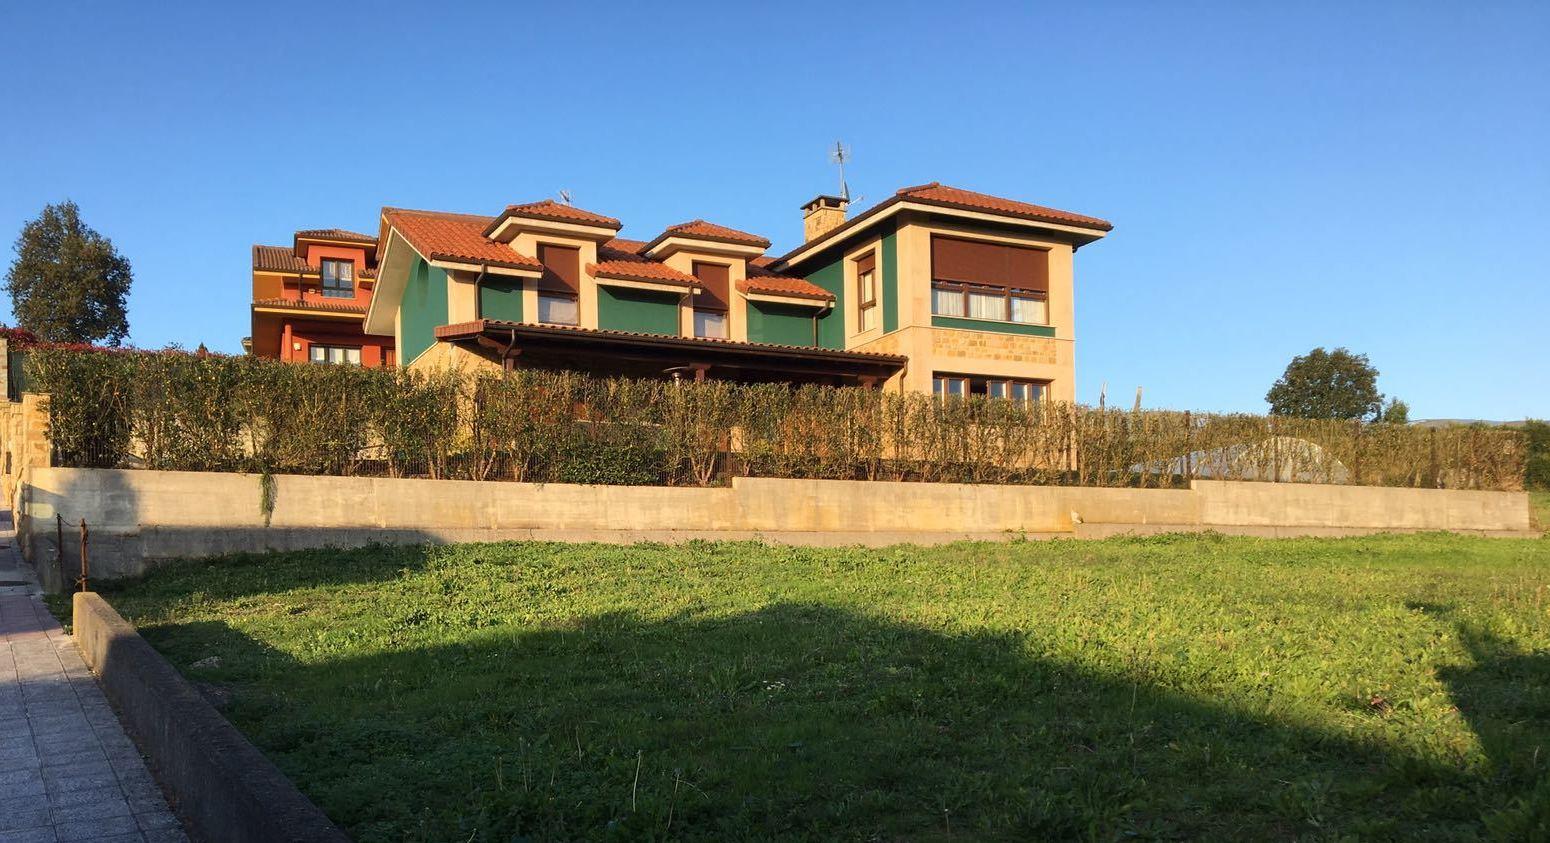 diseño y mantenimiento de jardines - Gijón - Grupo Discreal